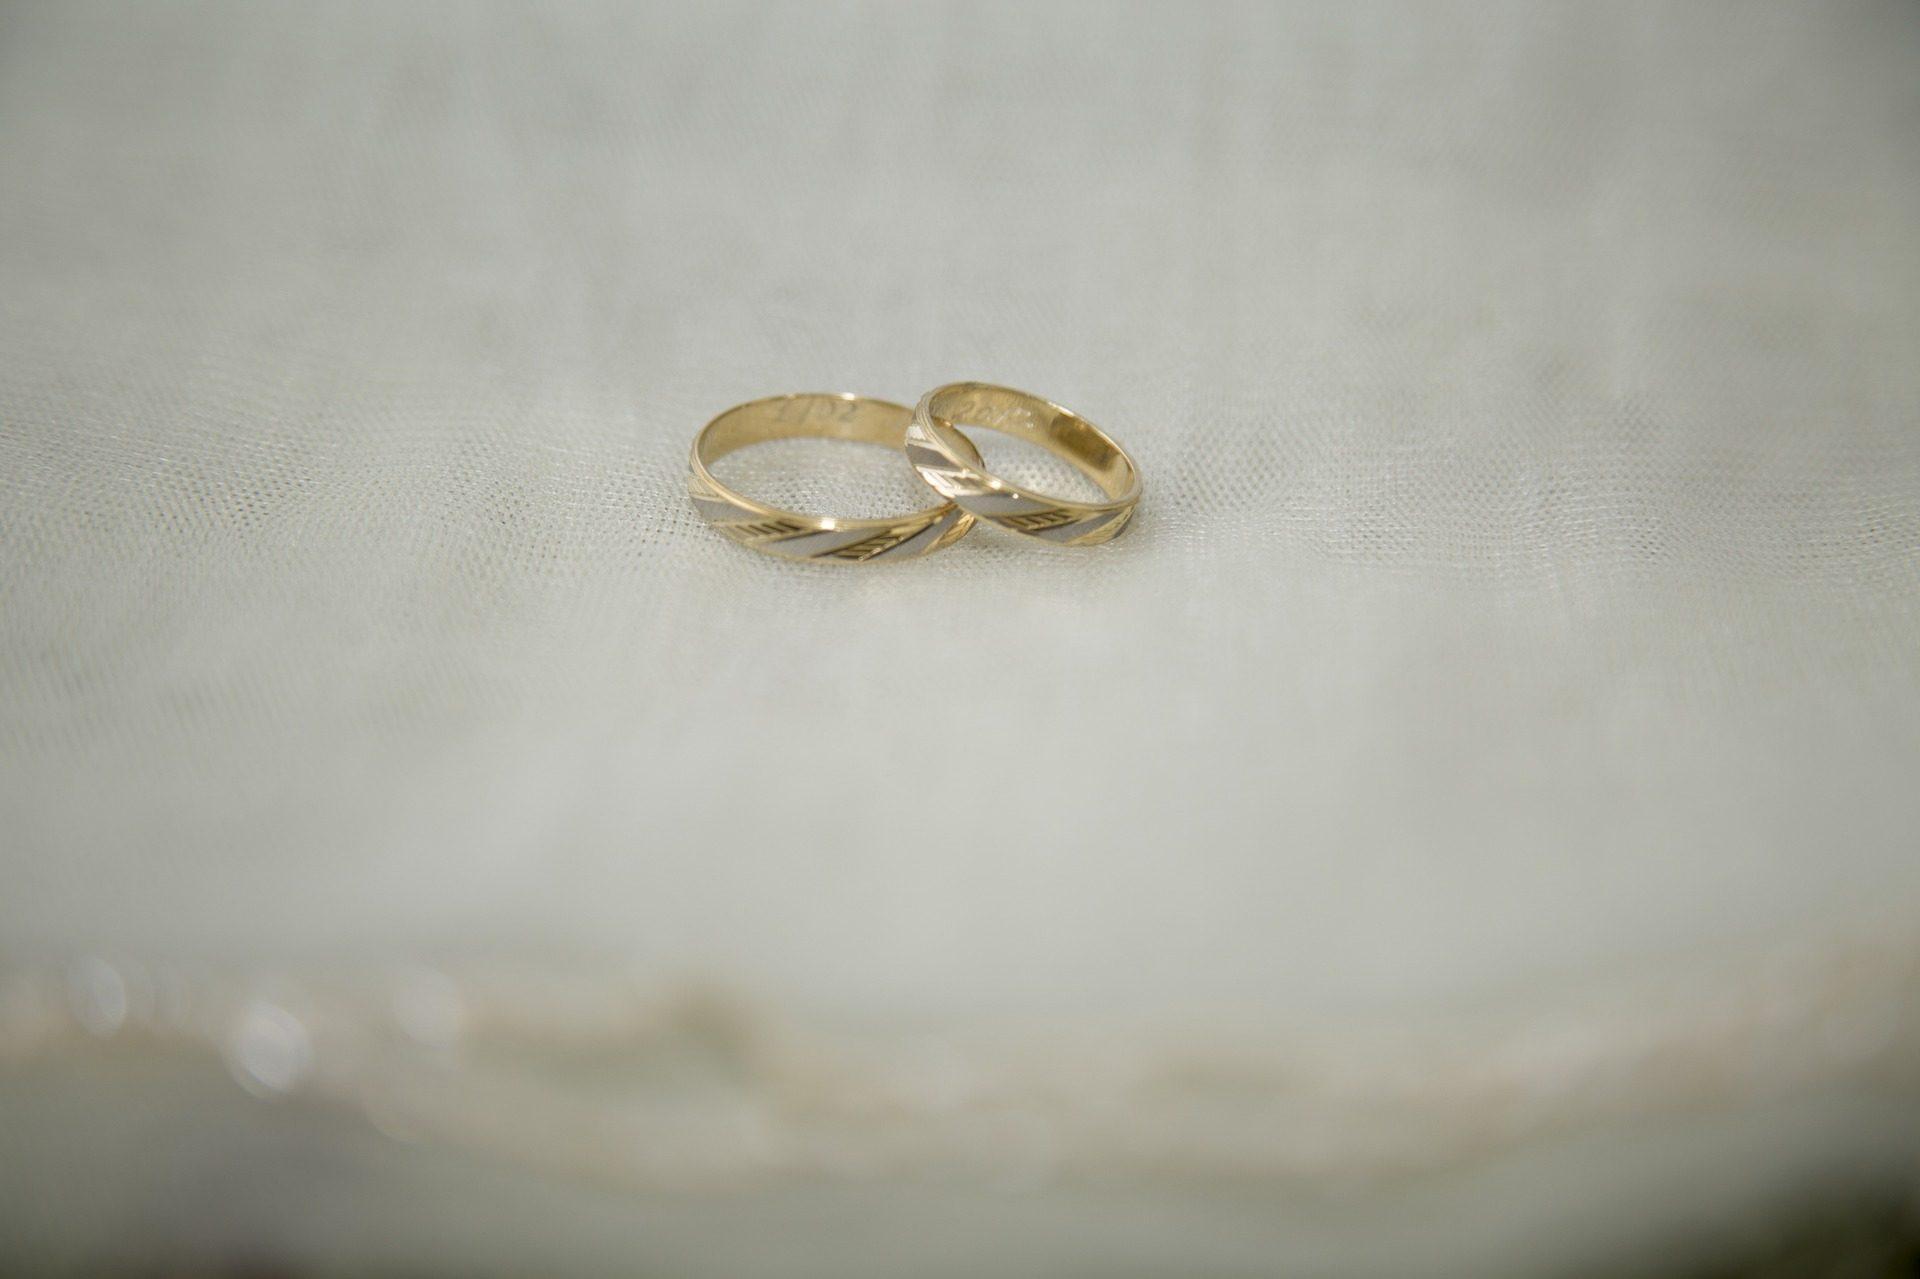 سيد الخواتم, زفاف, الارتباط, الالتزام, مجوهرات, الاحتفال - خلفيات عالية الدقة - أستاذ falken.com